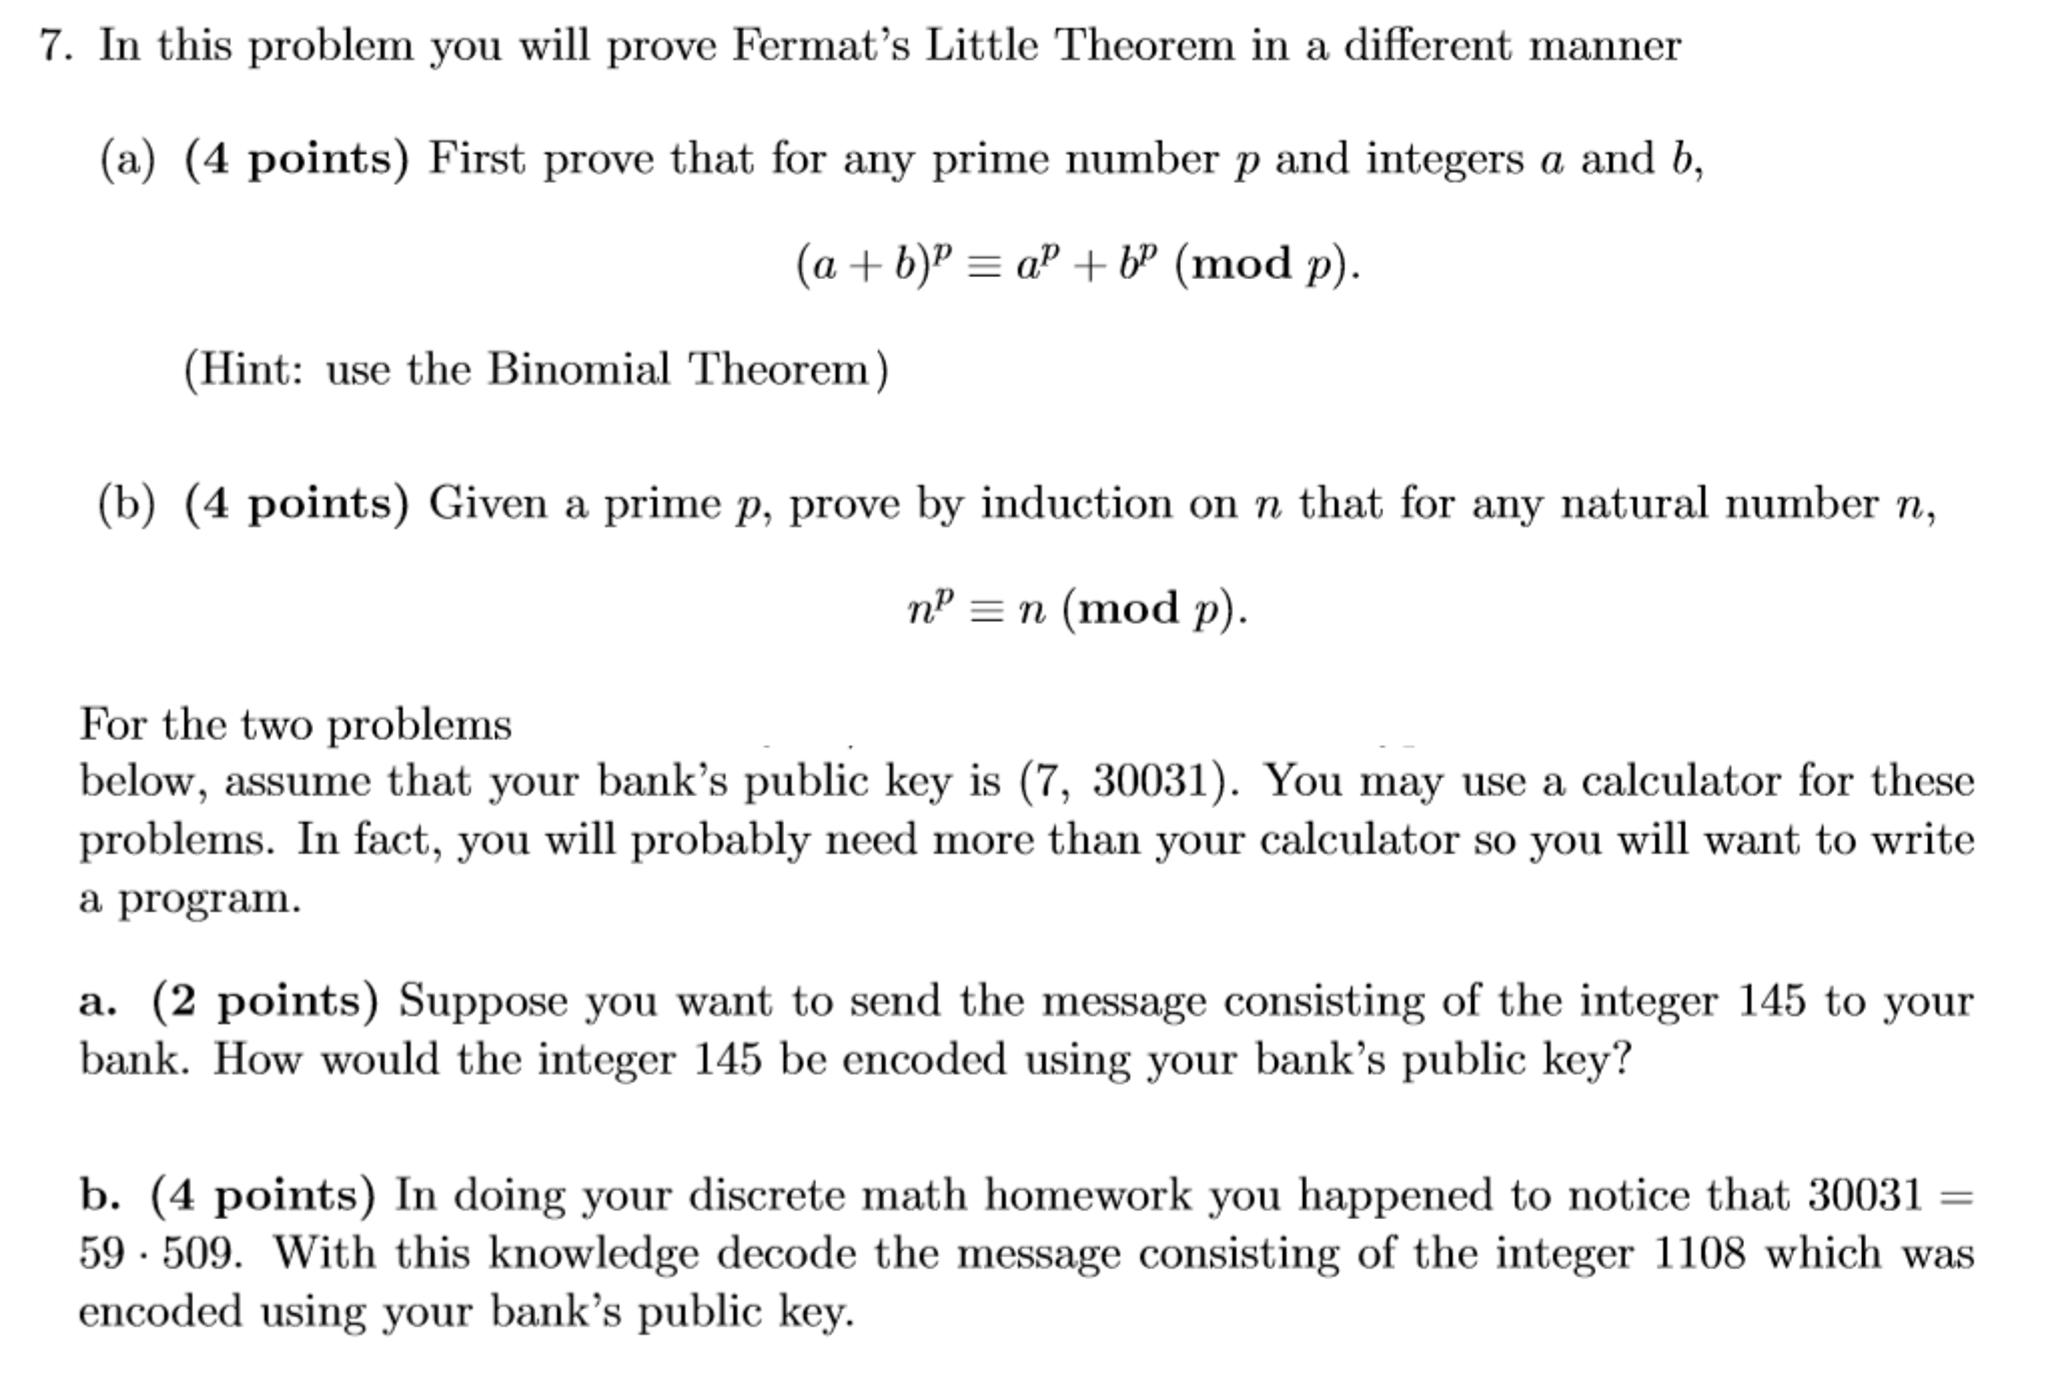 Prime number theorem.